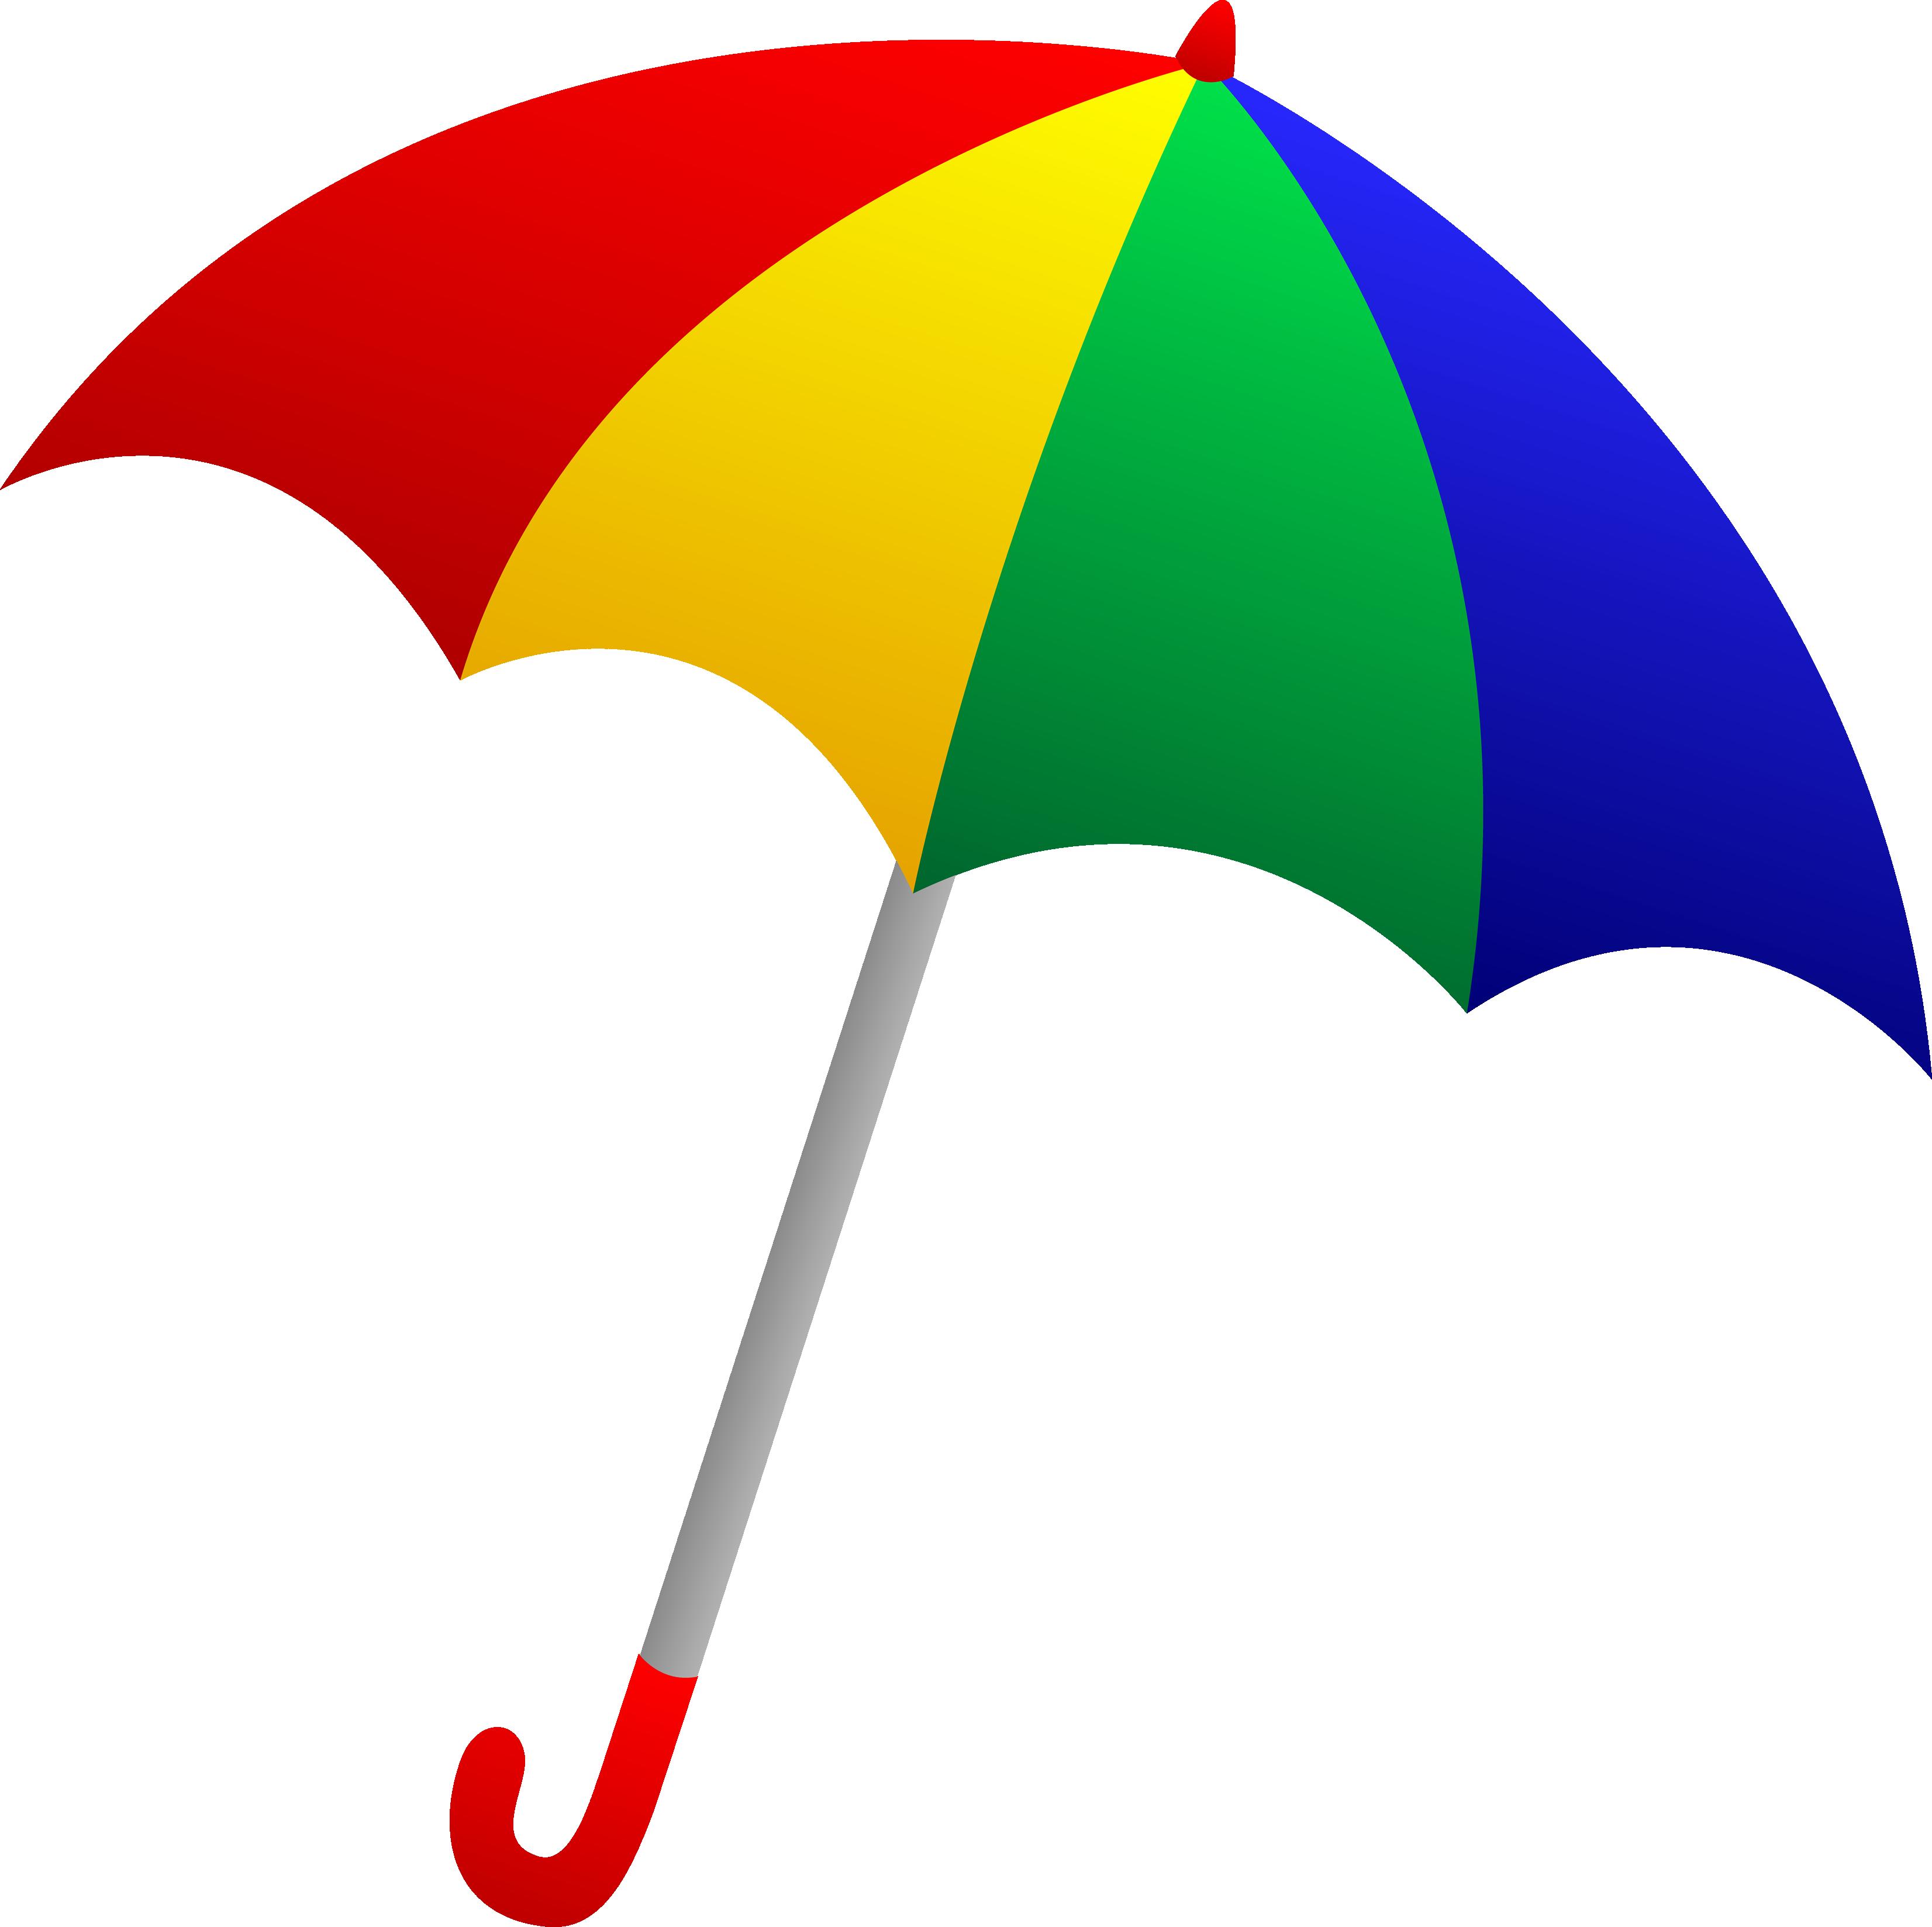 fotos umbrella imagens umbrella clickgrátis abrigo e sombra